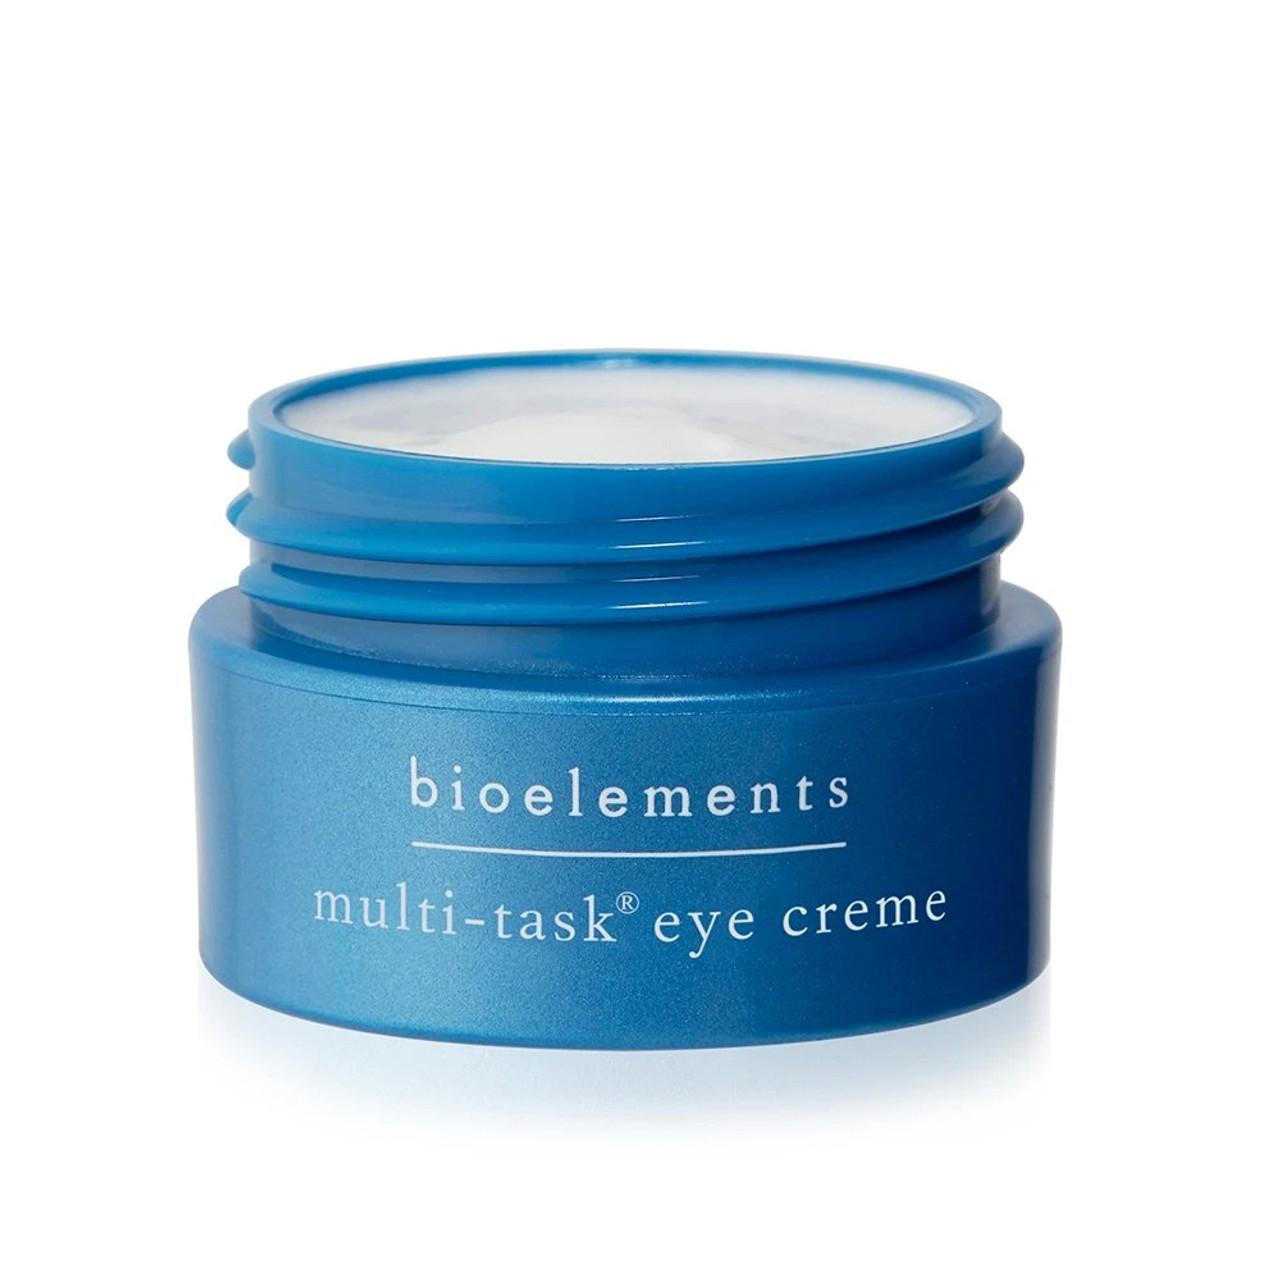 Bioelements Multi-Task Eye Creme